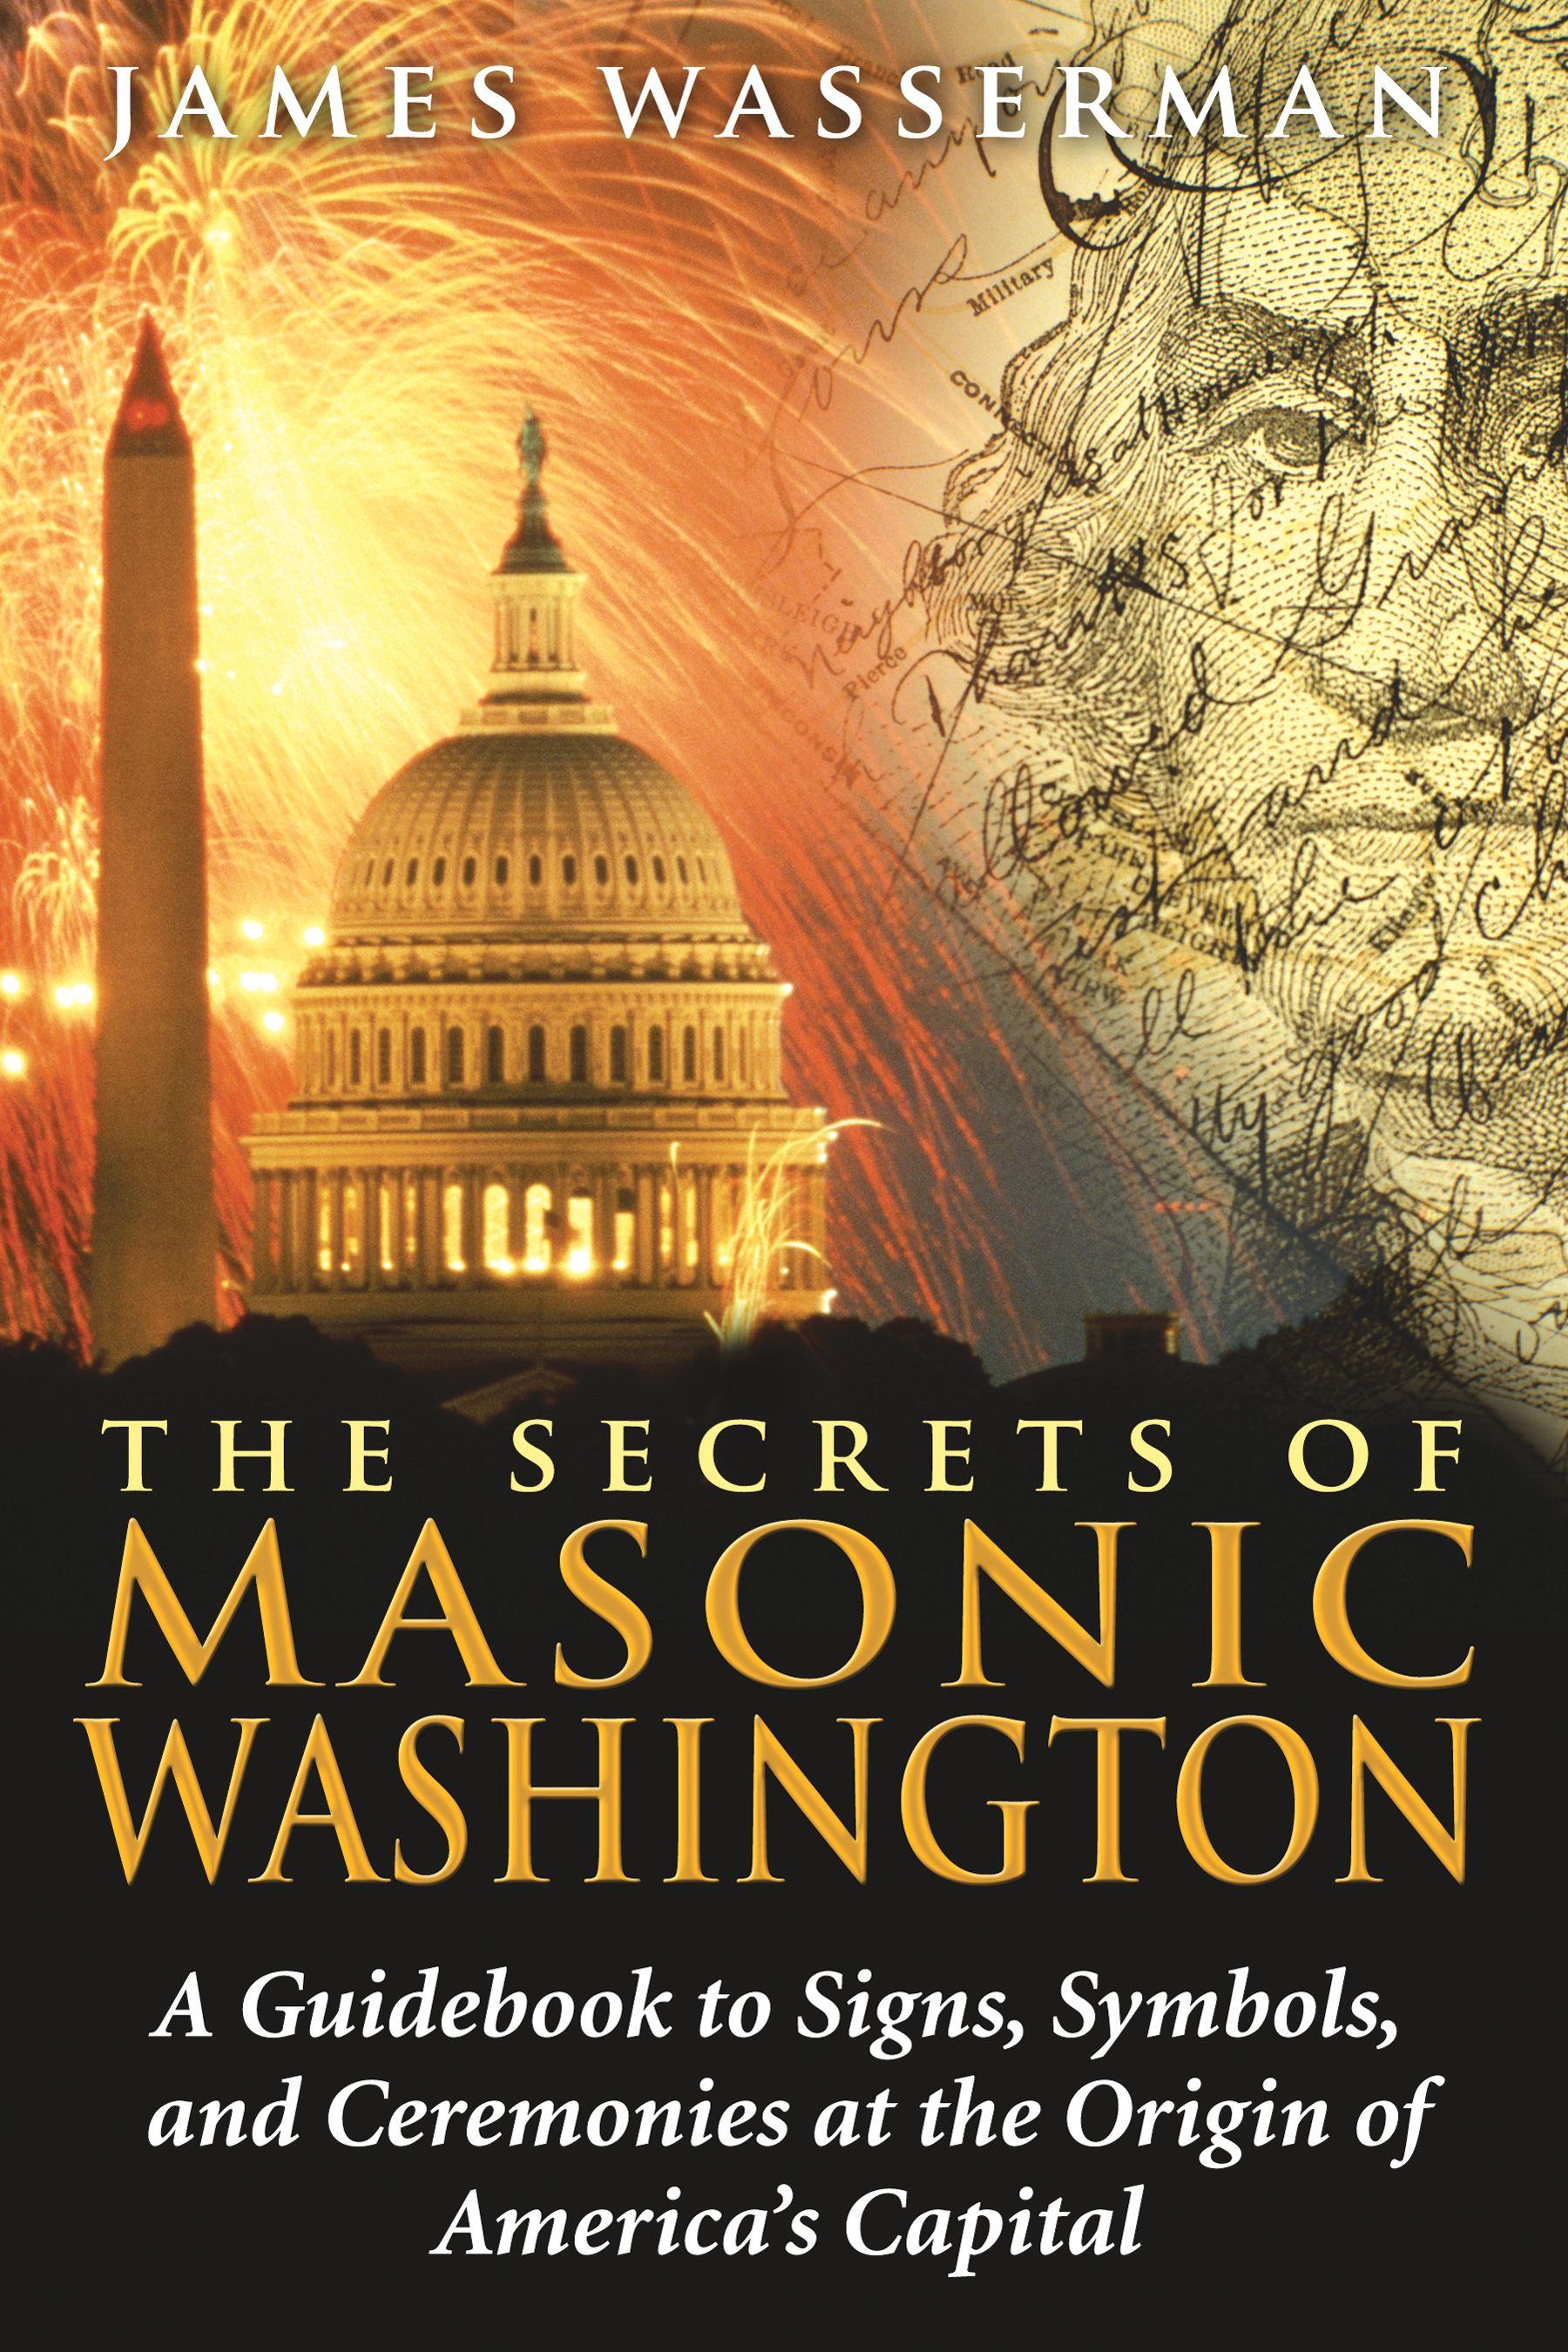 The secrets of masonic washington book by james wasserman the secrets of masonic washington 9781594772665 hr fandeluxe Images